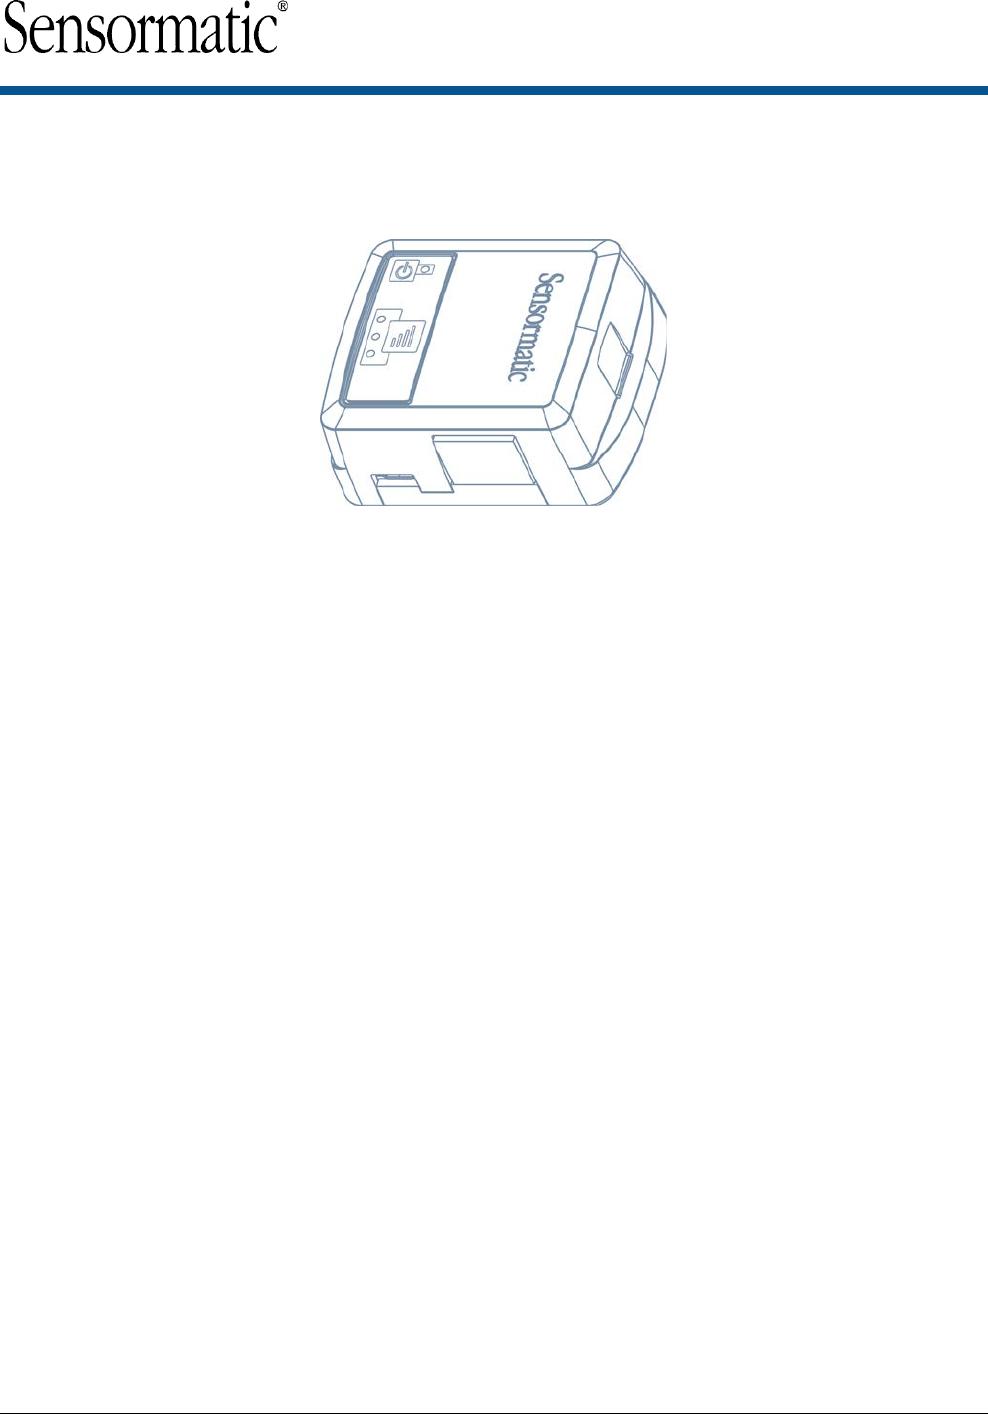 Tyco Safety Sensormatic BIX1000 Business Intelligence Module